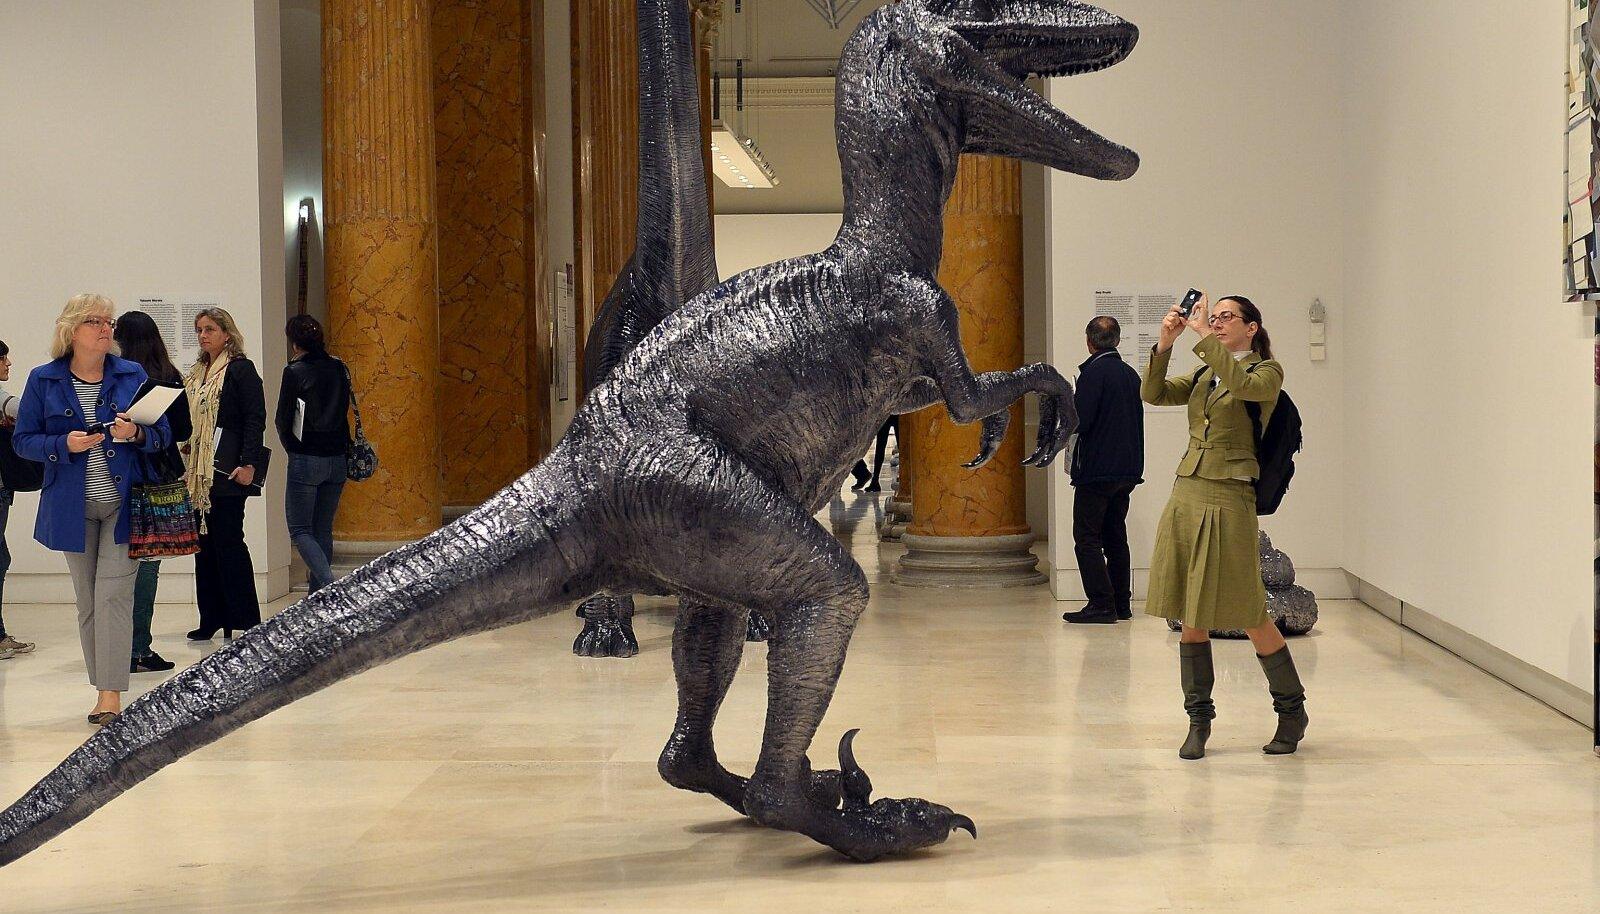 Ameerika Ühendriikide kunstniku Rob Pruitti nägemus Velociraptorist